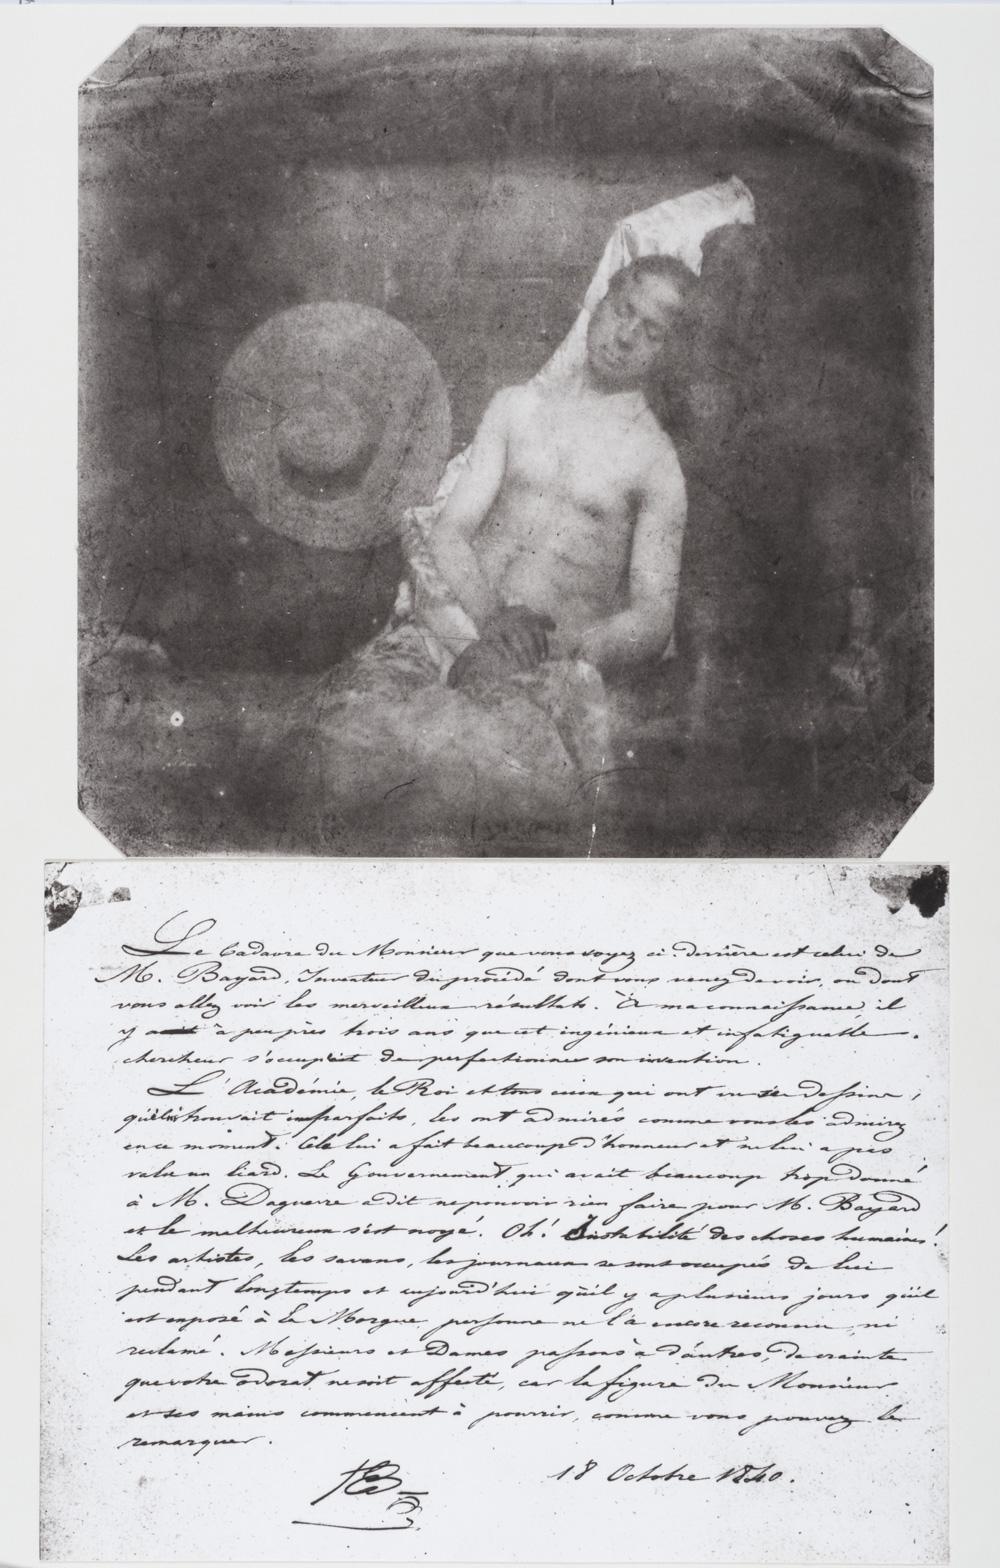 Fotó: Hippolyte Bayard: Önarckép vízbefúltan, 1840. október 18.<br />A képaláírás magyar fordítását a cikk végén lévő linken találod.